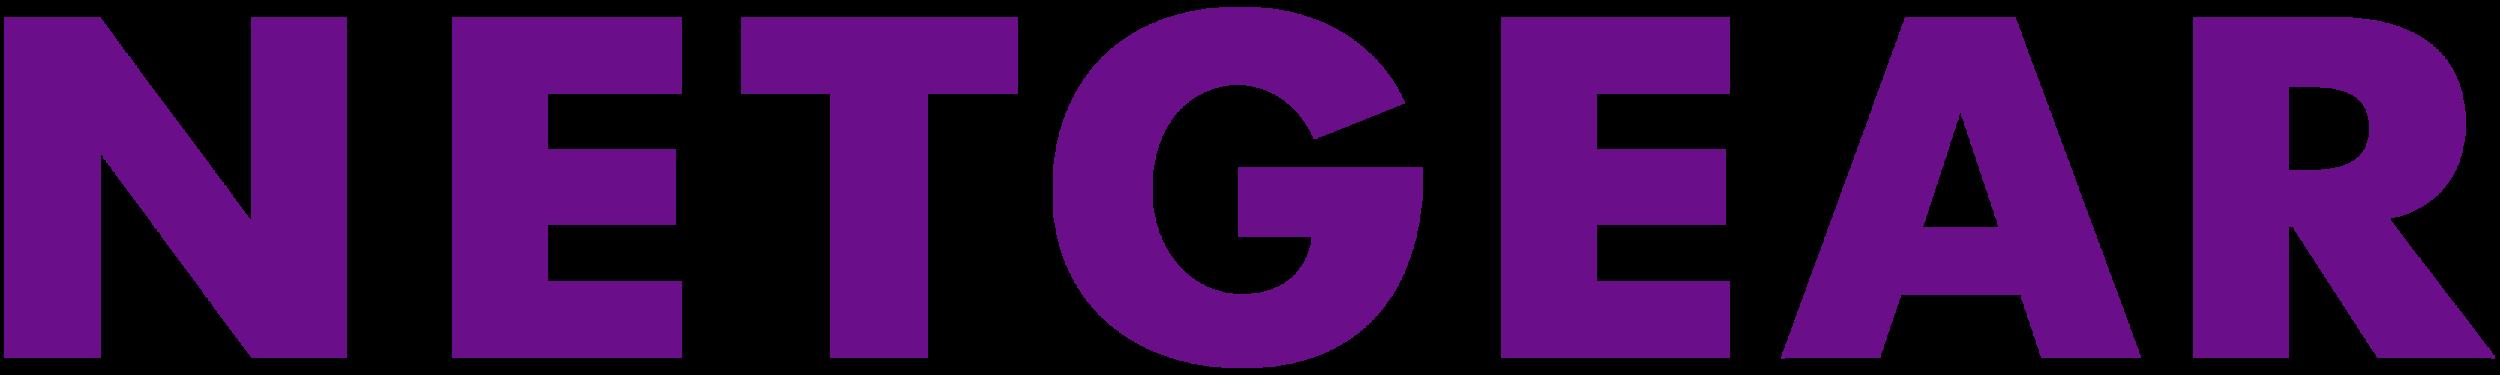 netgear_logo.png